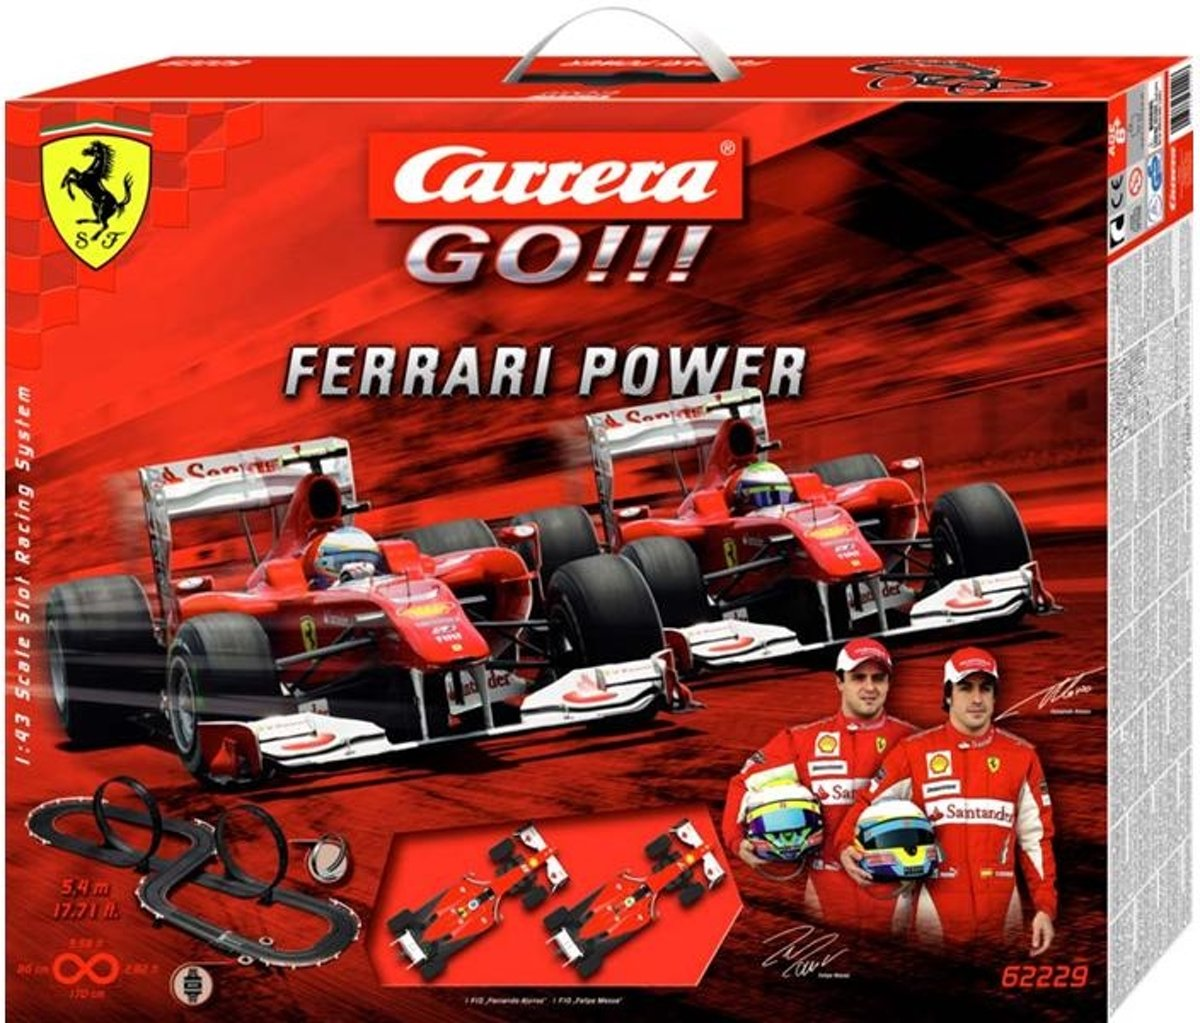 Carrera Go Ferrari Power